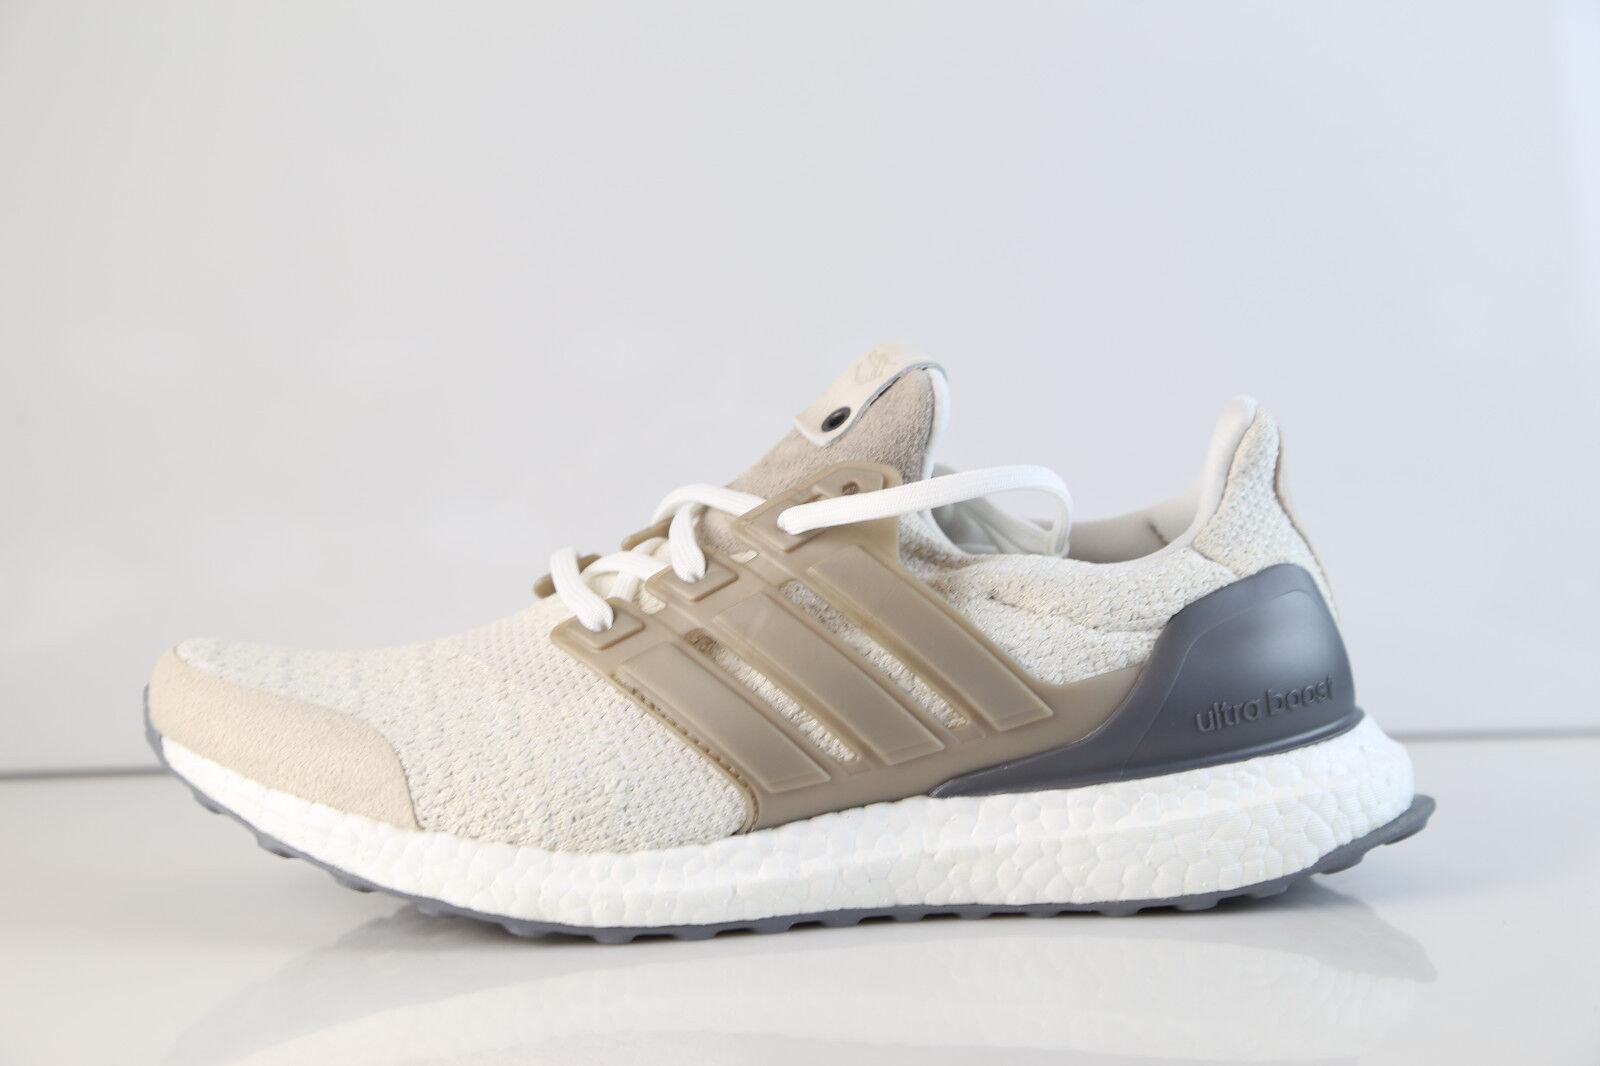 Adidas consortium ultraboost - lux db0338 7.5-10.5 ultra - ultraboost schub tan c8d938